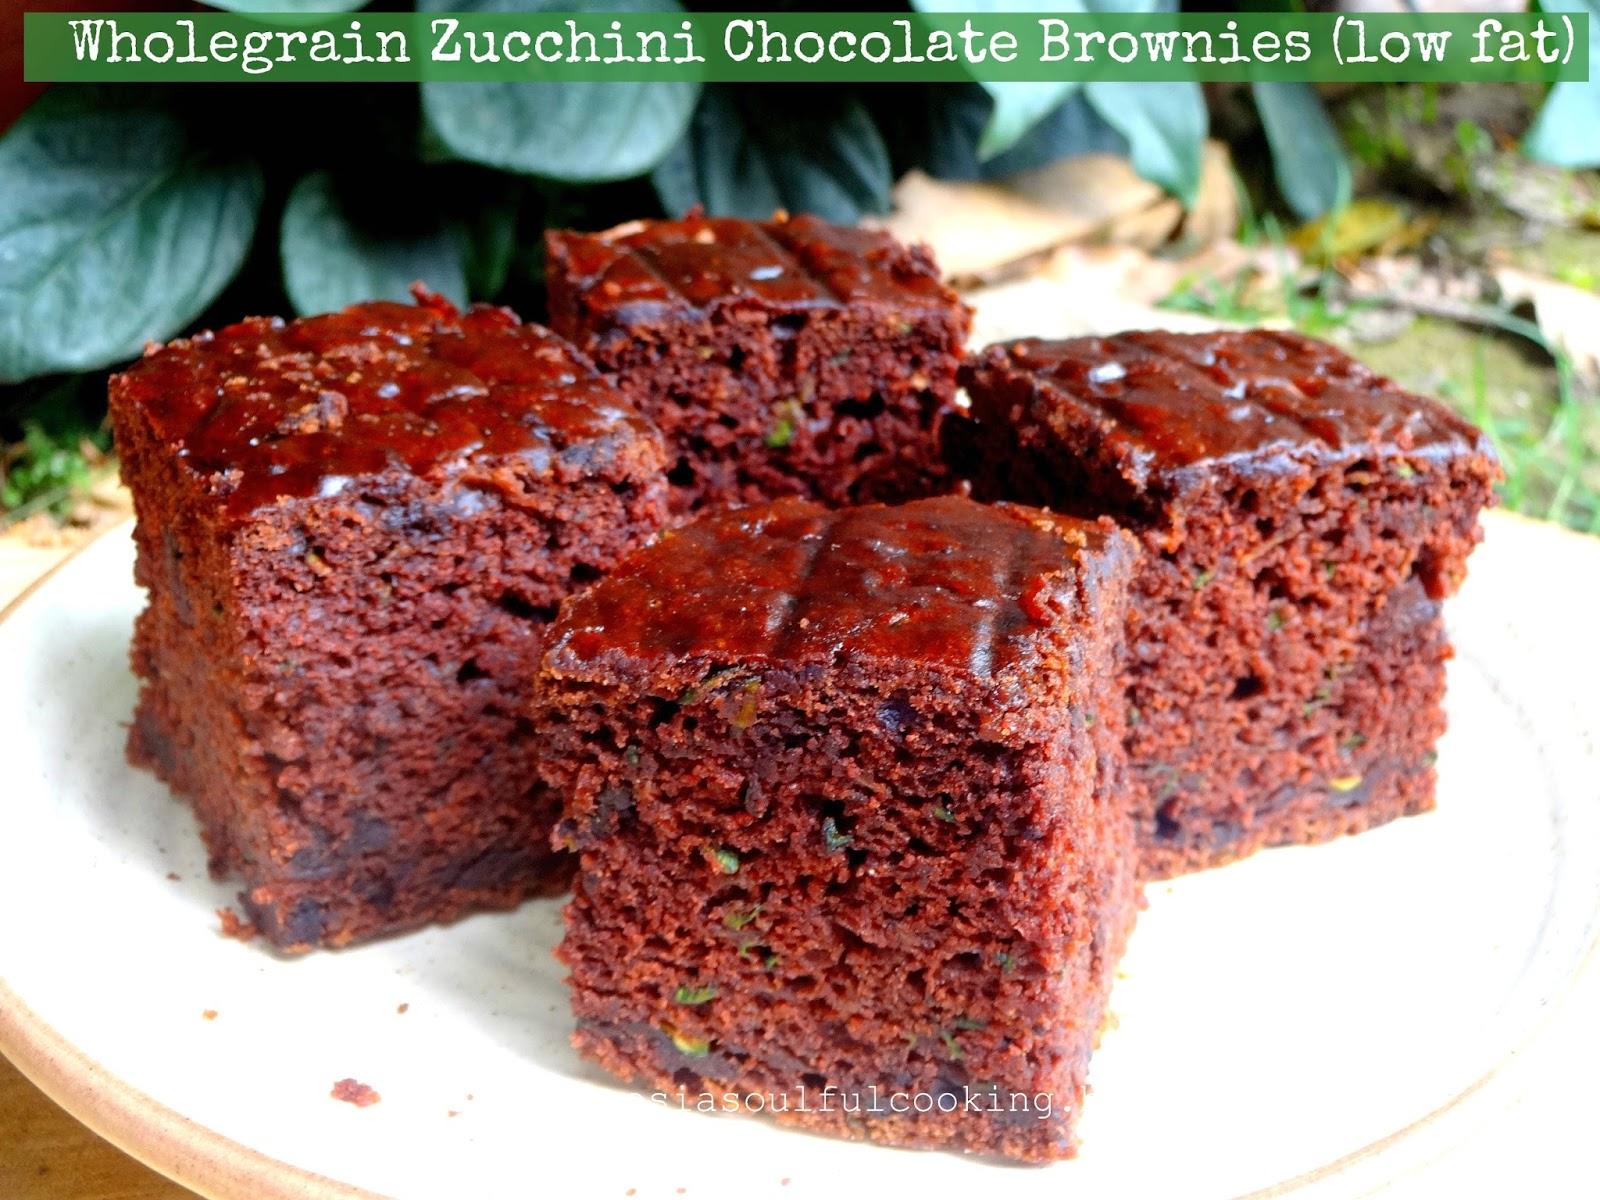 wholegrain vegan zucchini chocolate brownies (low fat)